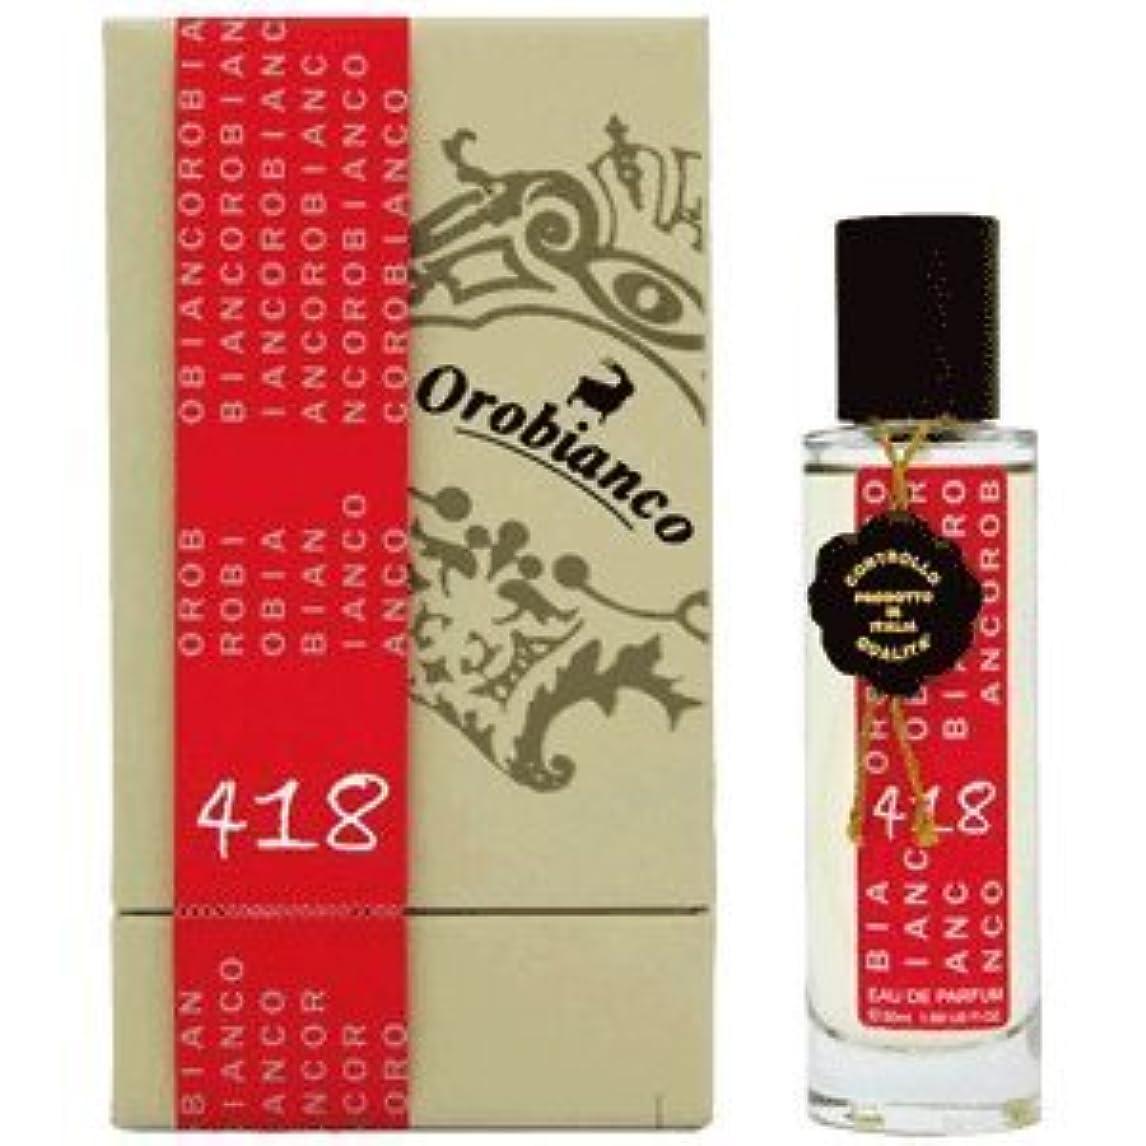 フィルタ川オロビアンコ Orobianco 香水 418レッド EDP 50ml 【香水 フレグランス】 FRE454